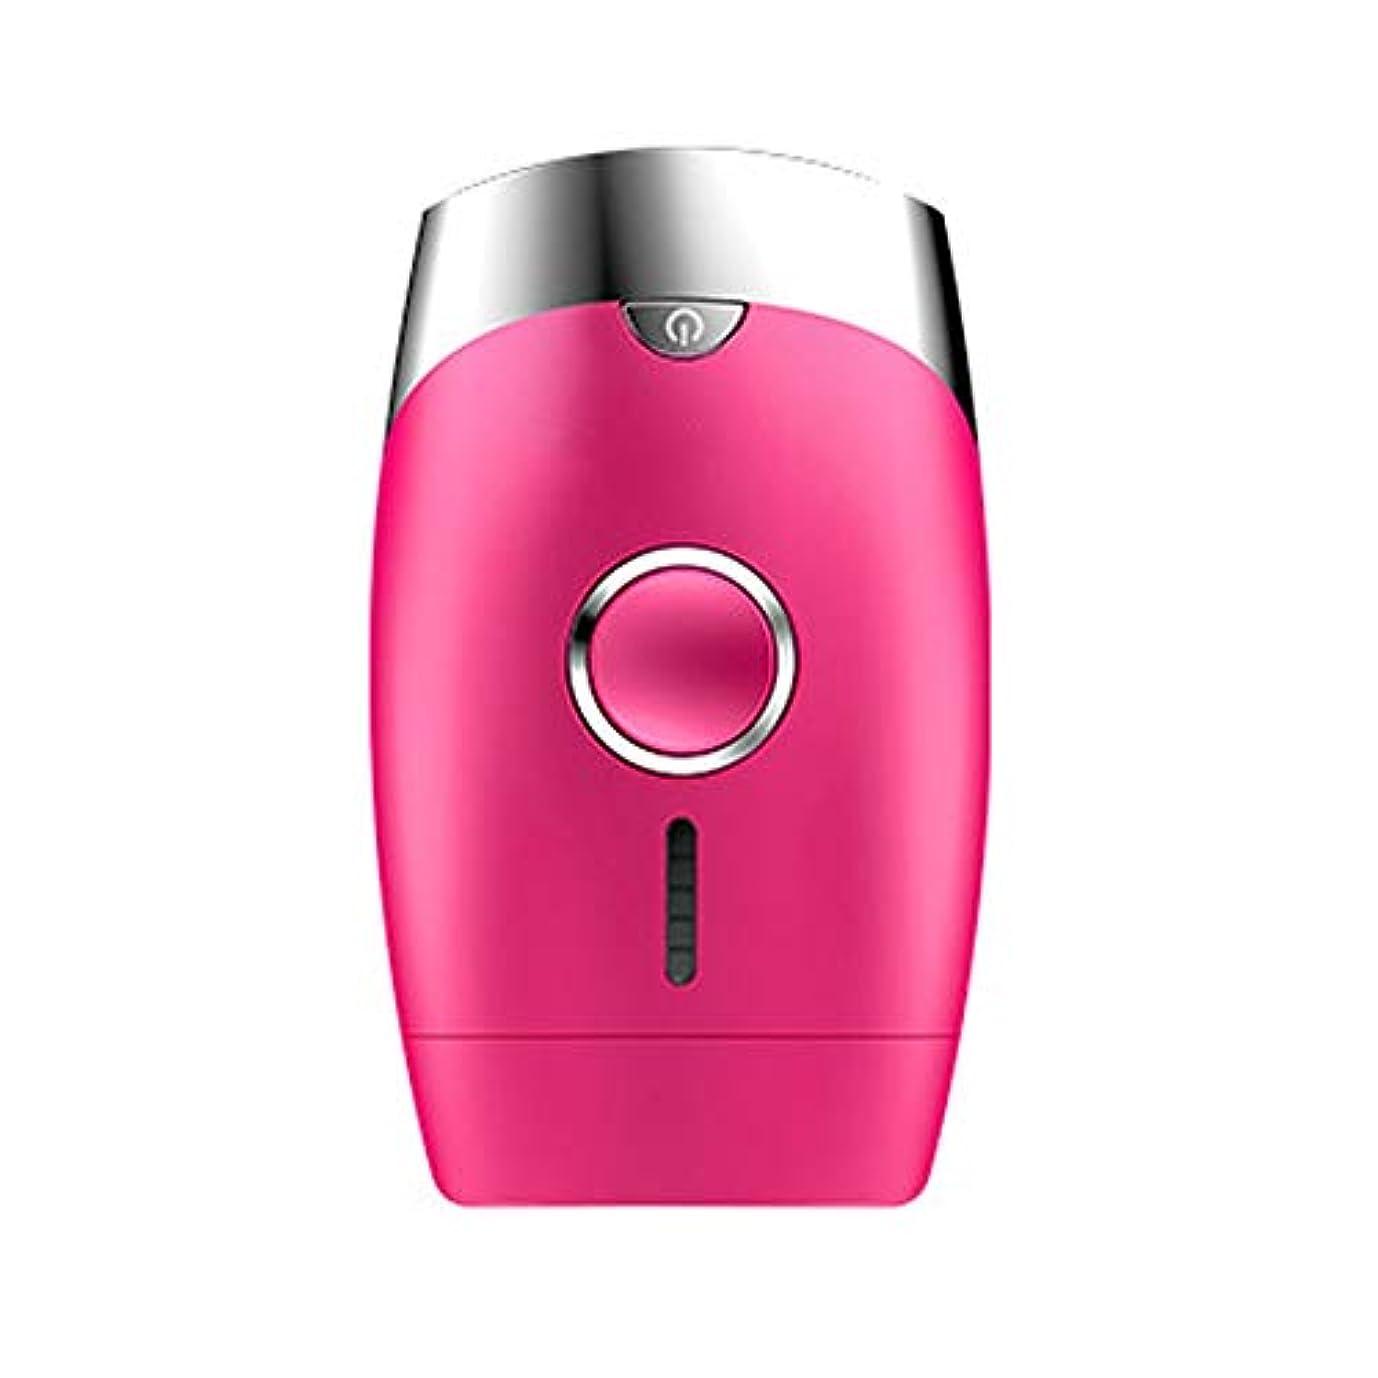 夫婦インゲン機会ピンク、5スピード調整、インテリジェント家庭用痛みのない凝固点ヘアリムーバー、シングルフラッシュ/連続フラッシュ、サイズ13.9 X 8.3 X 4.8 Cm 効果が良い (Color : Pink)